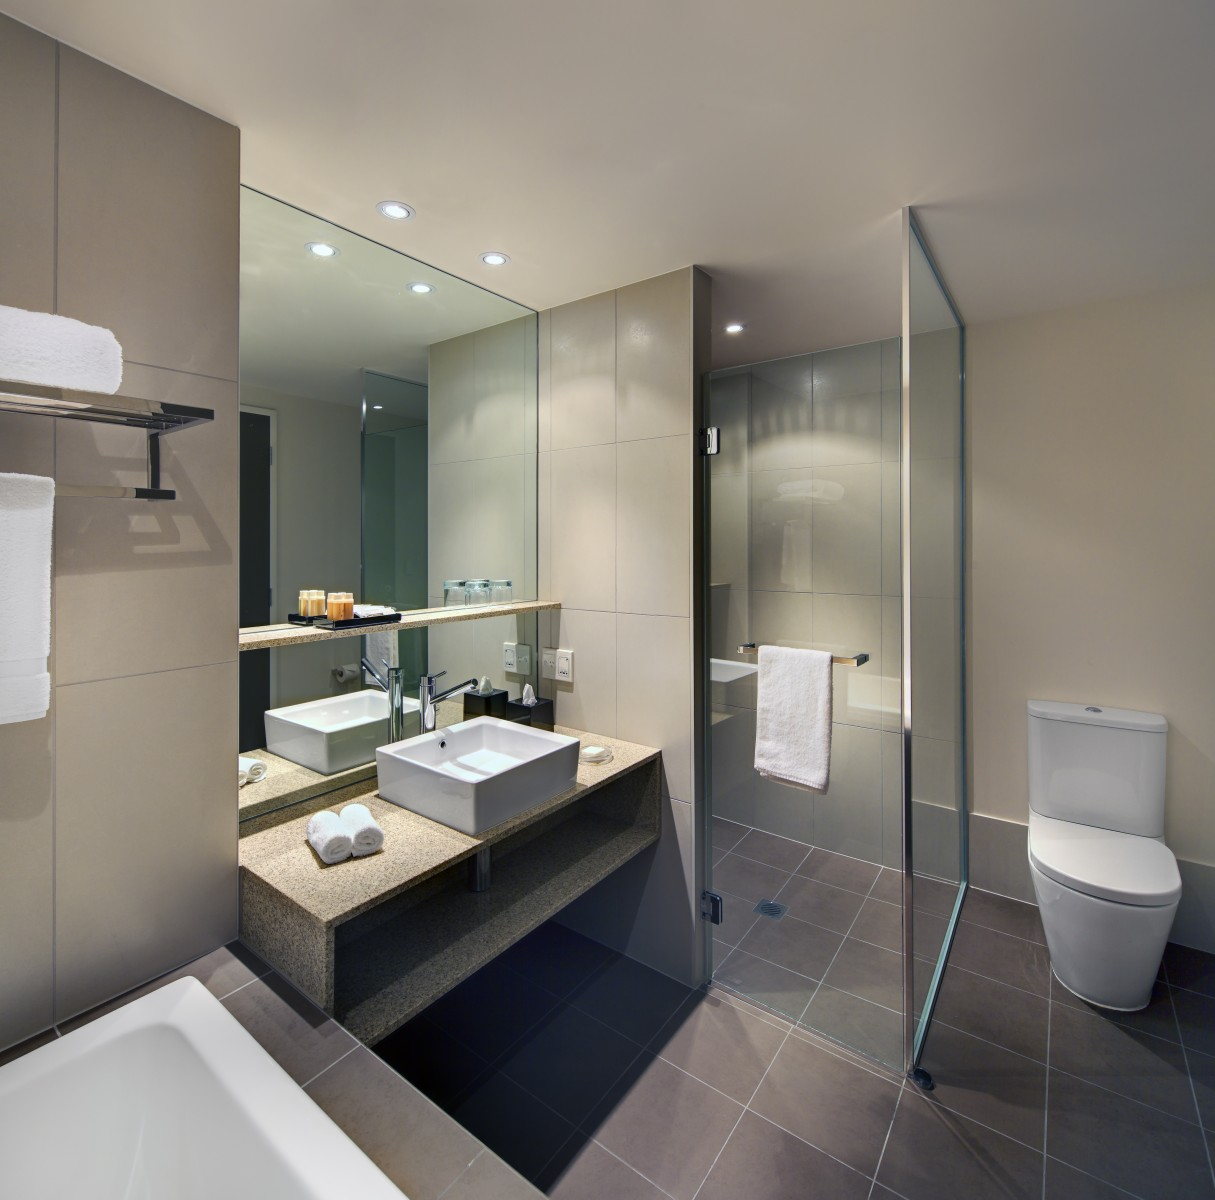 Home-Gallery-PremiumDeluxe-Bathroom.jpg